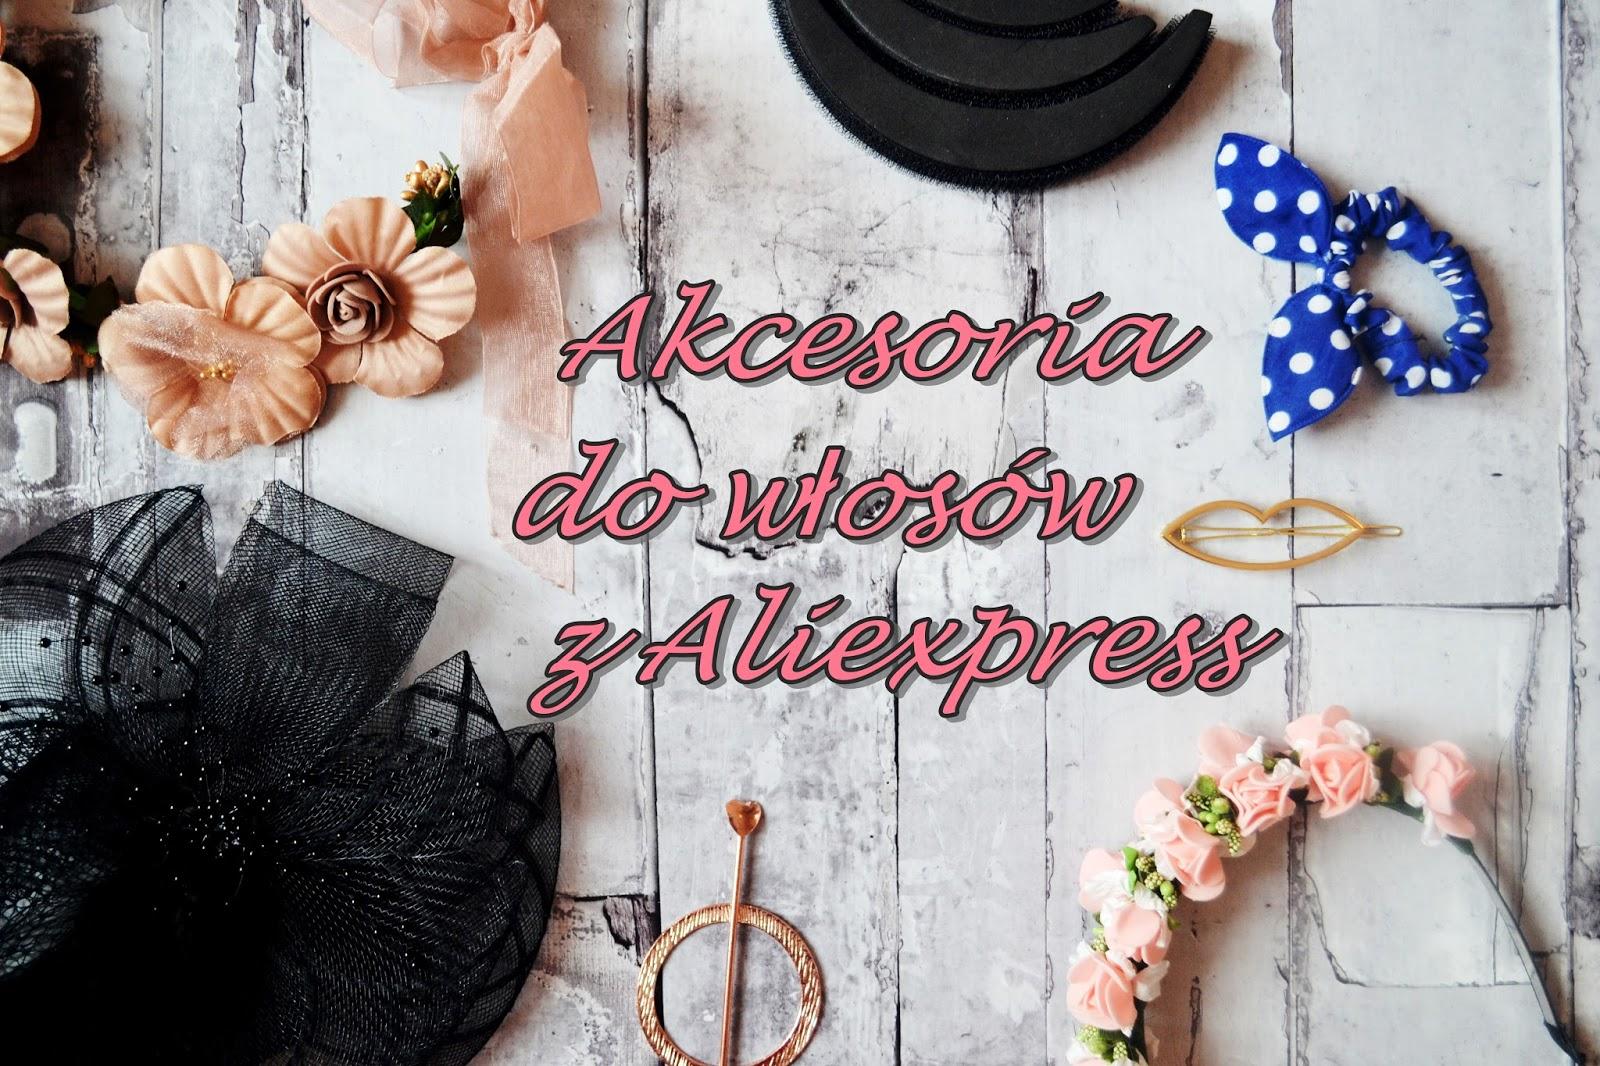 jak kupować na aliexpress, co kupwać na aliexpress, gadżety z aliexpress